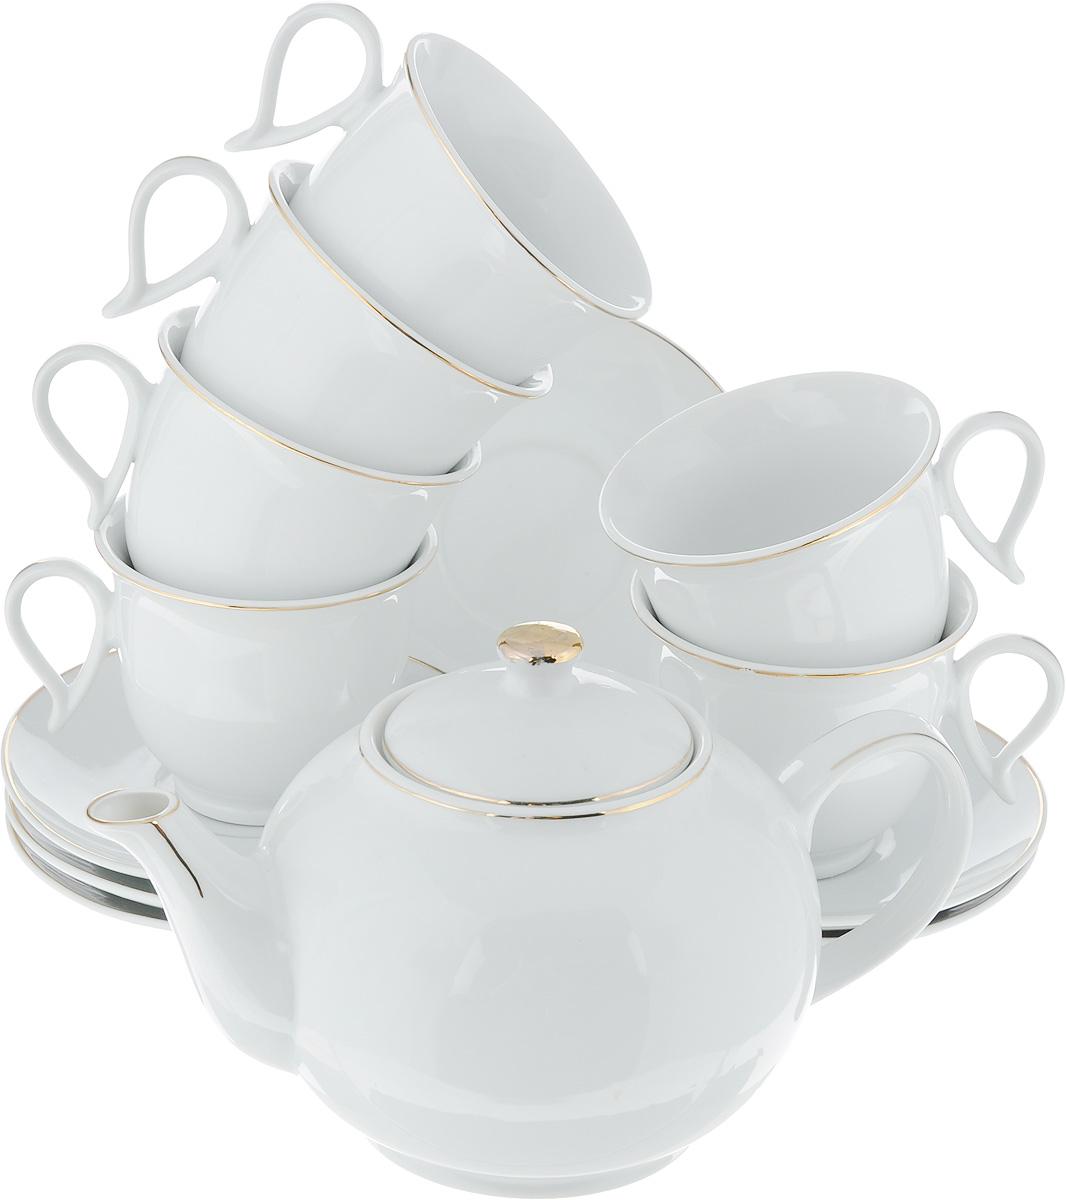 Сервиз чайный Loraine, 13 предметов. 25935 чайный сервиз 13 предметов alex чайный сервиз 13 предметов